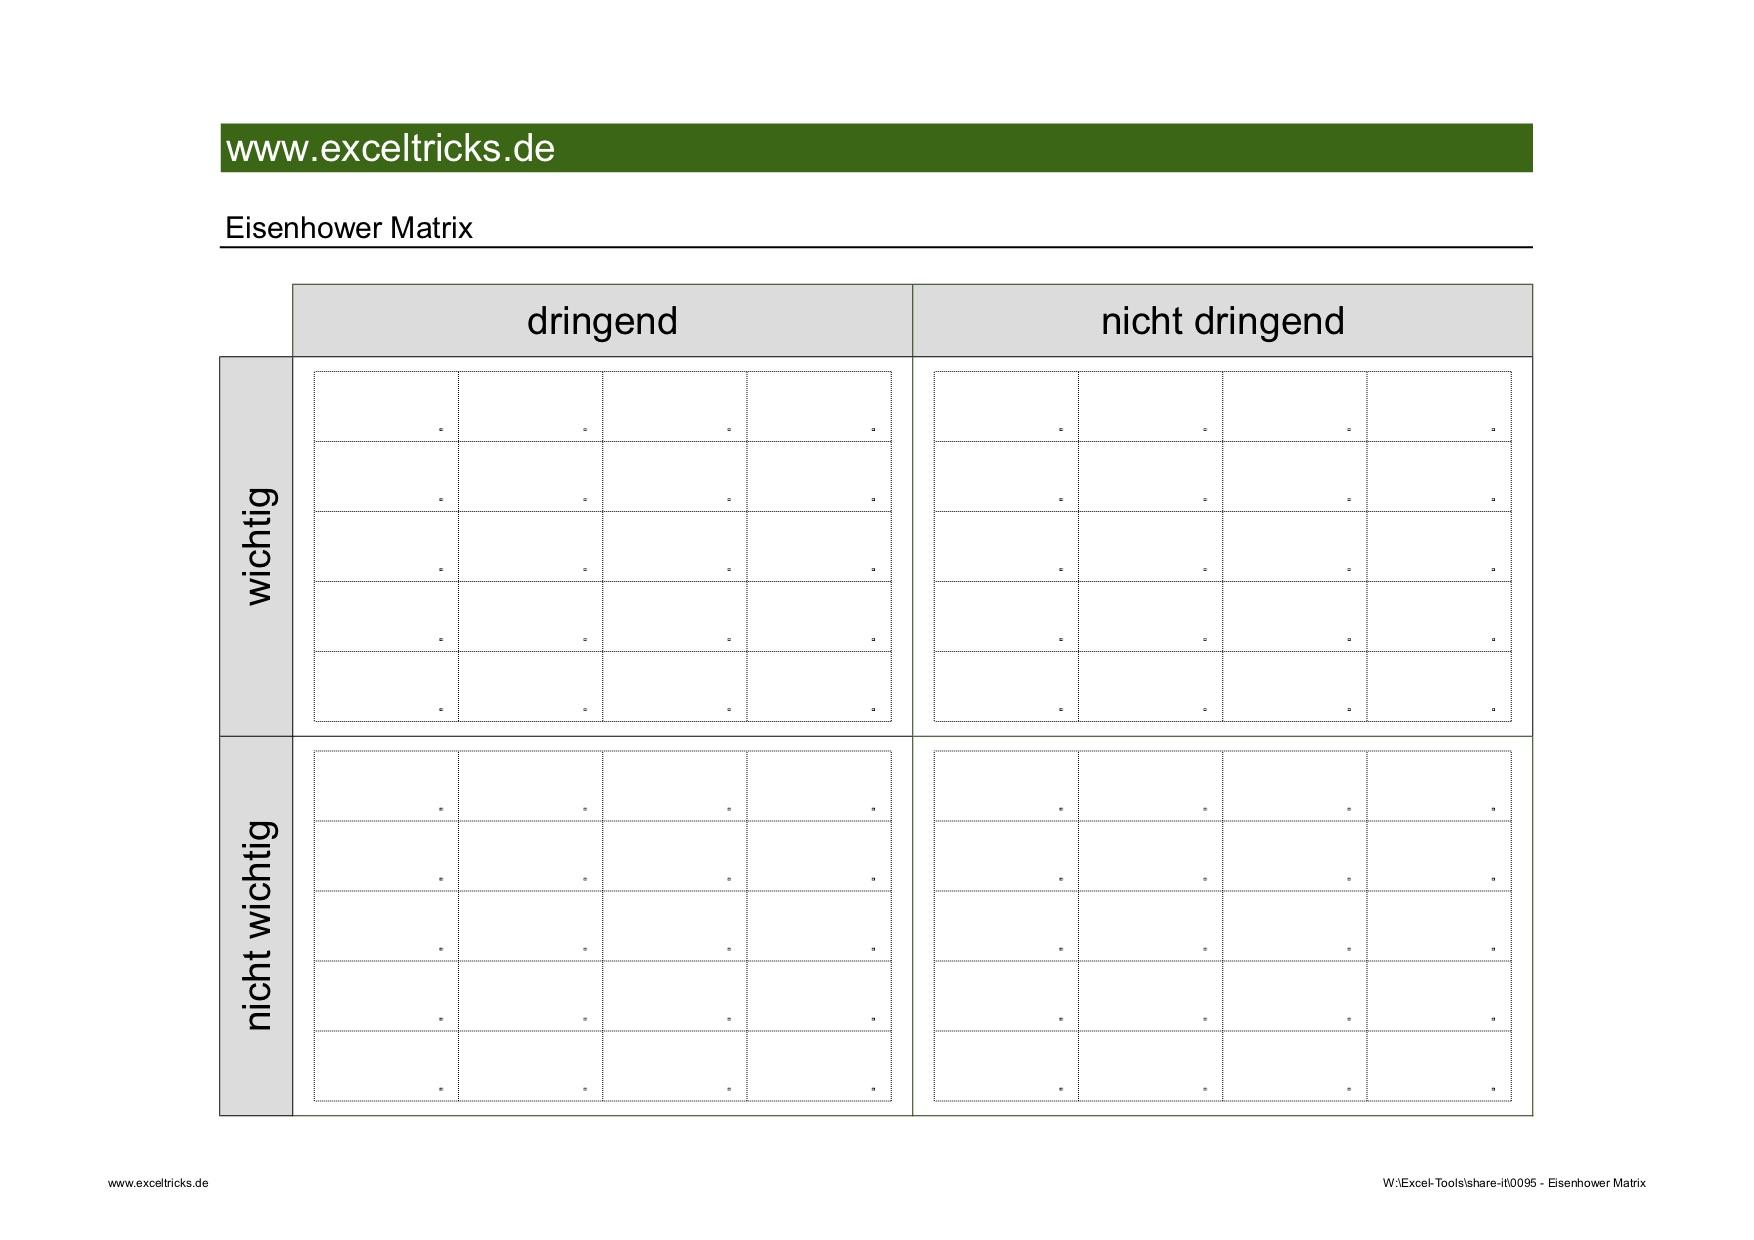 Mit Der Excel Vorlage Eisenhower Matrix Alle Aufgaben Optimal Im Griff Behalten Exceltricks